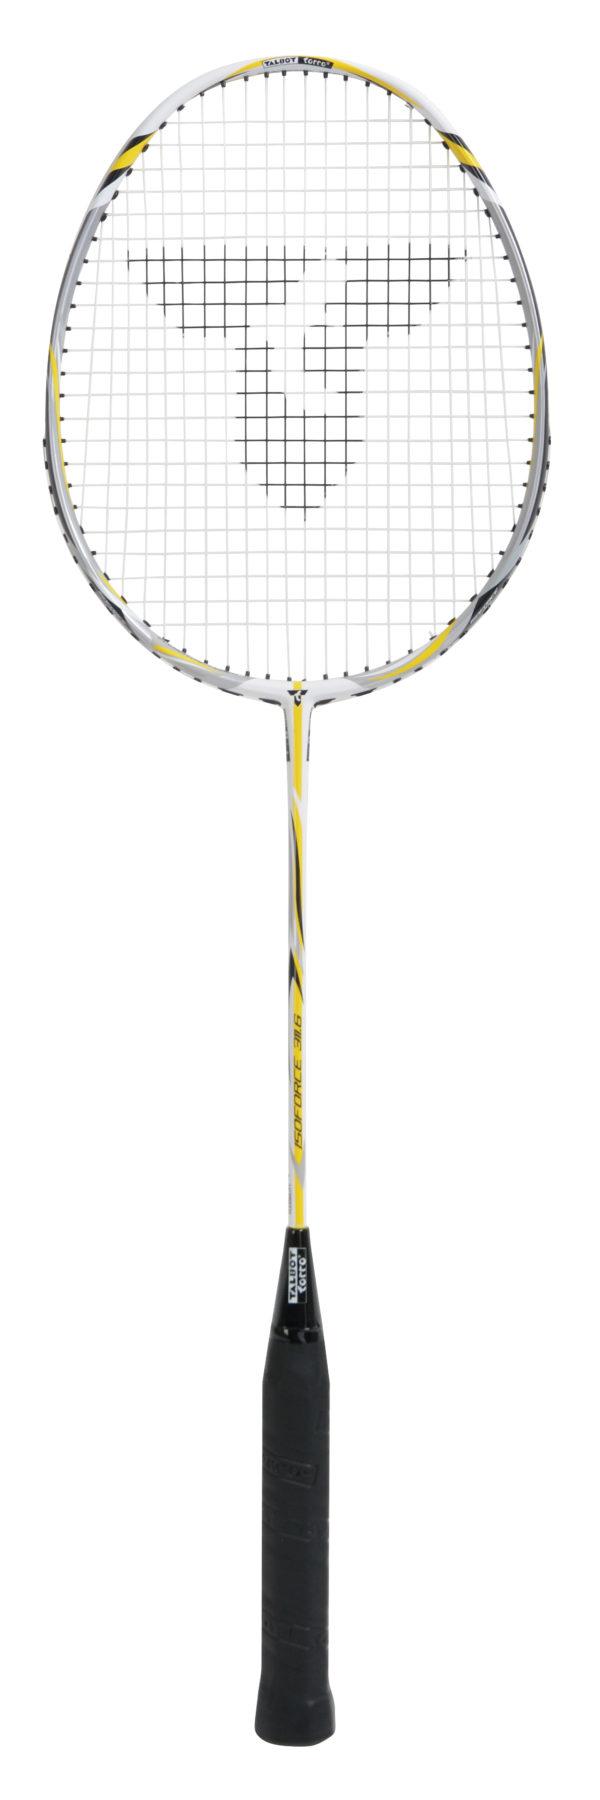 Raquette de Badminton Isoforce 311.6 Starterset-4